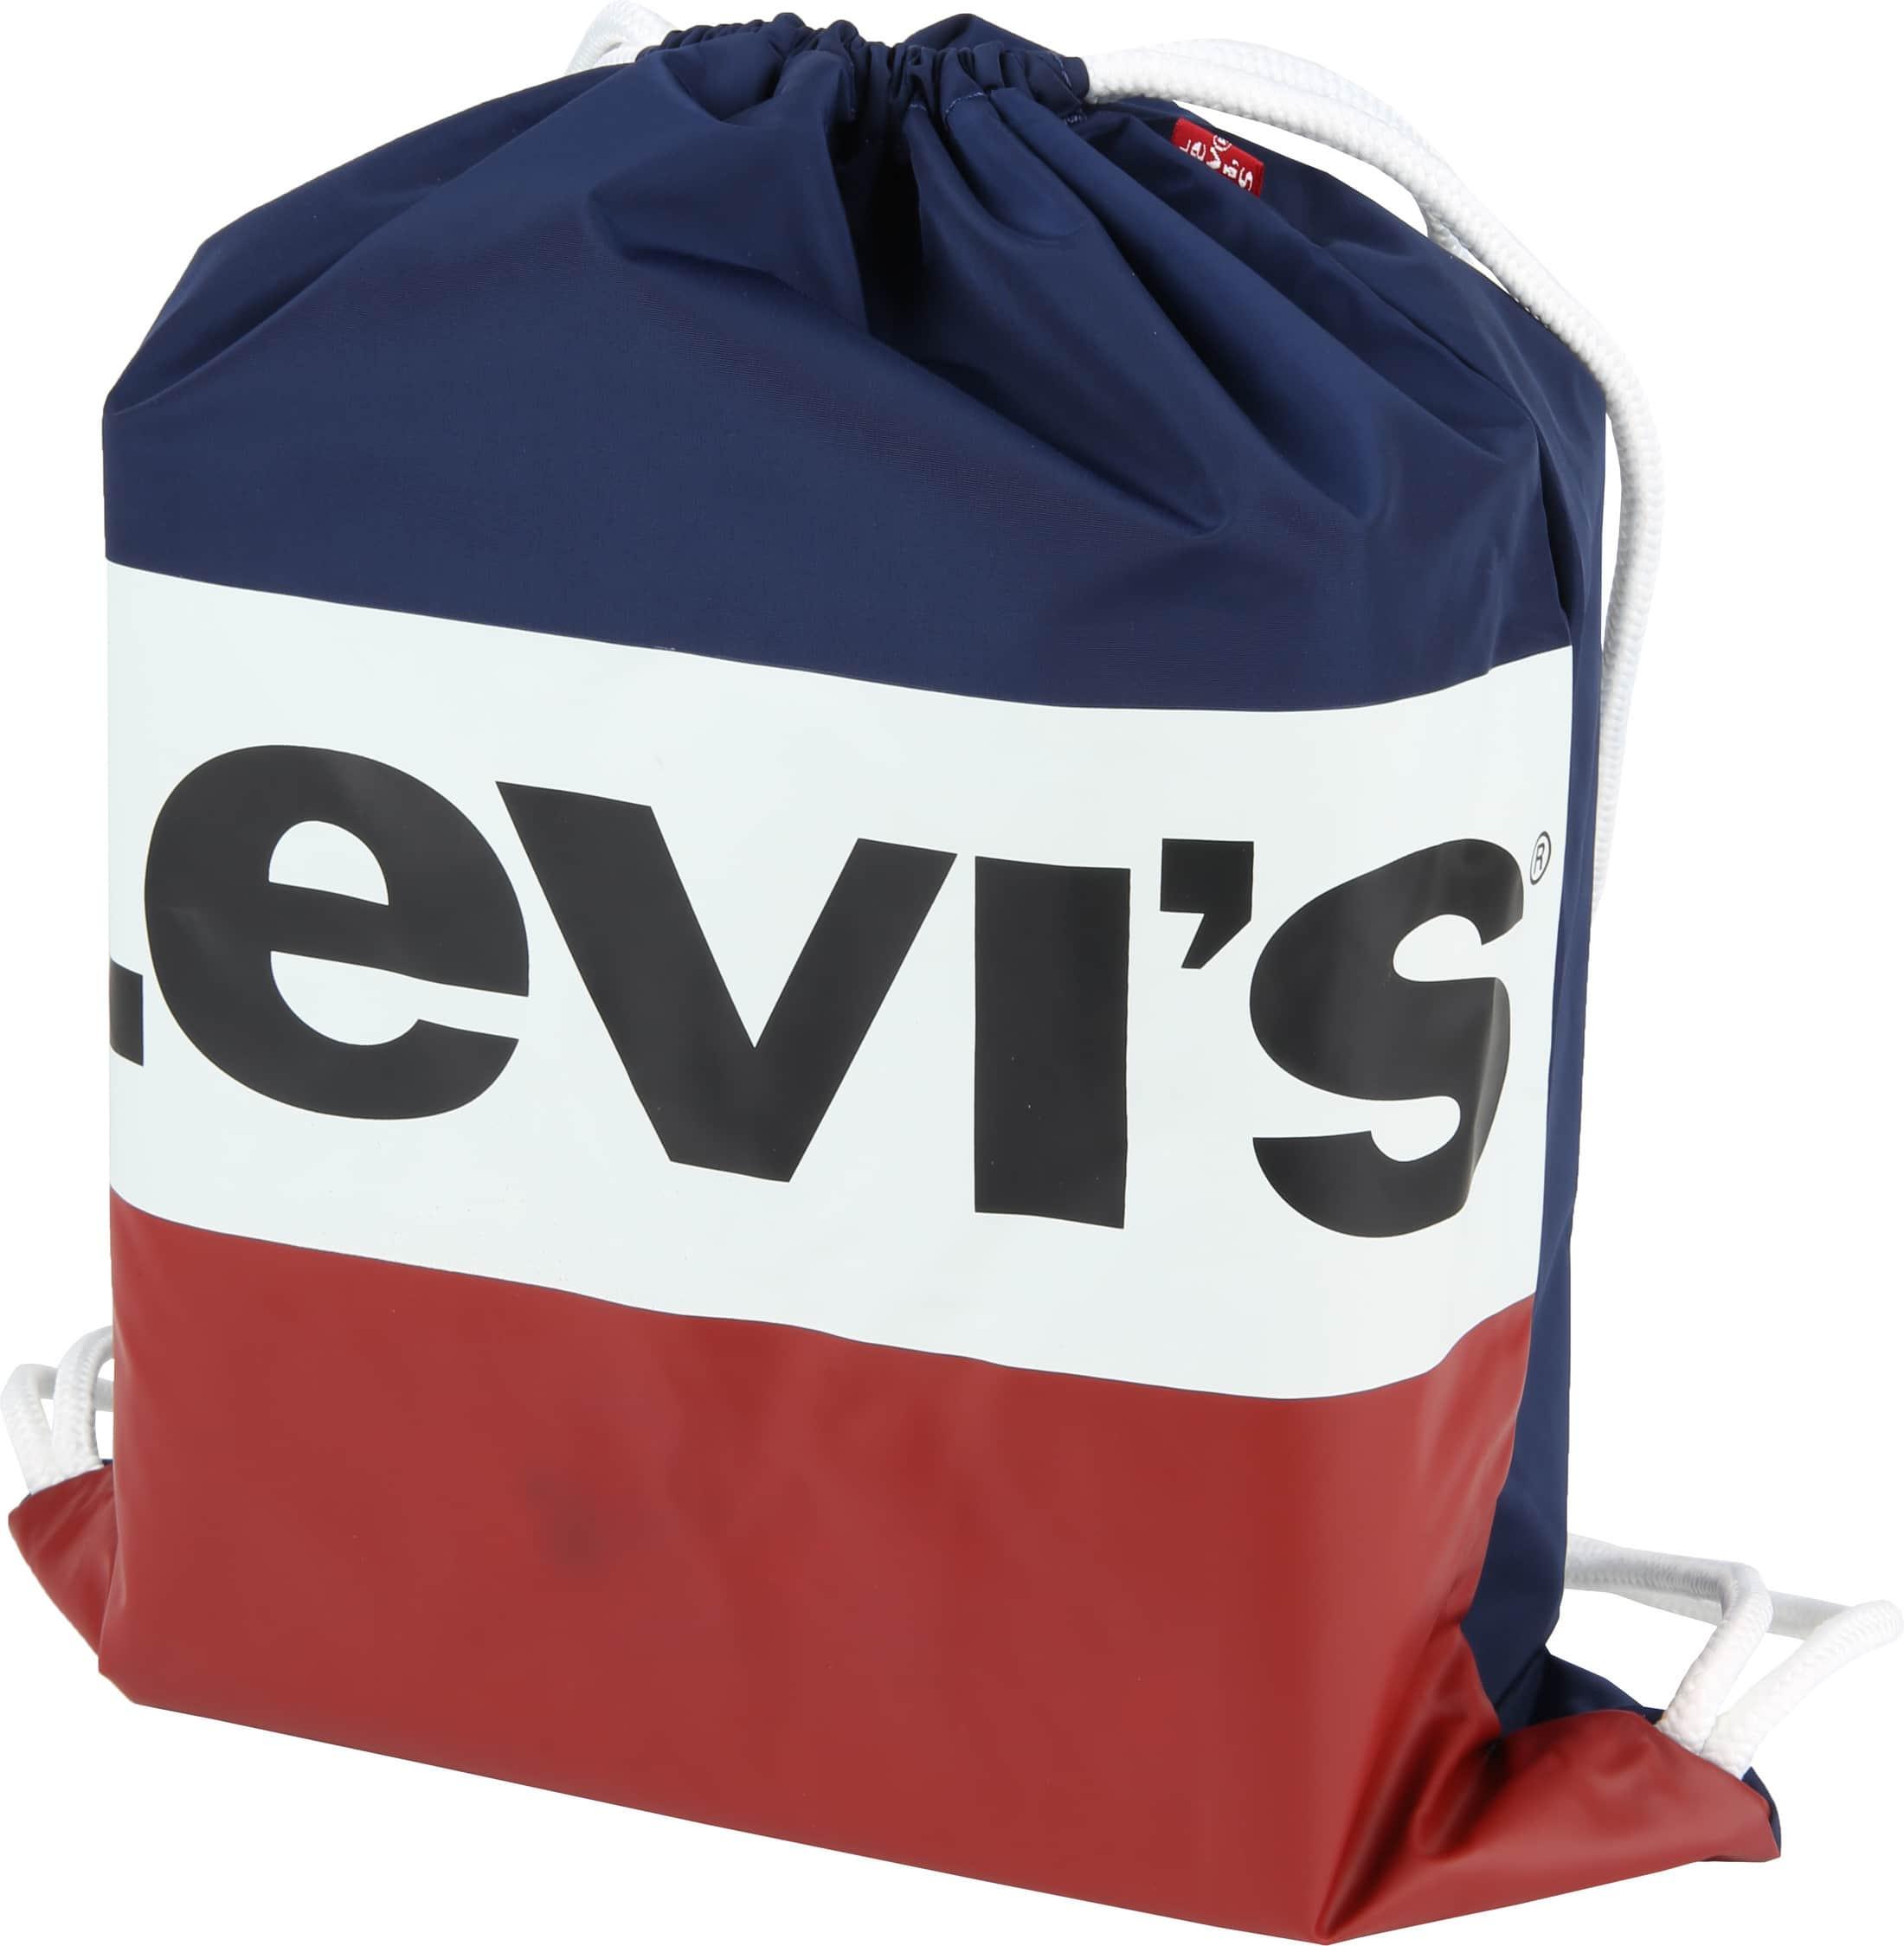 Levi s Back Everyday Gym 38010-0055 order online  5374324ef949e